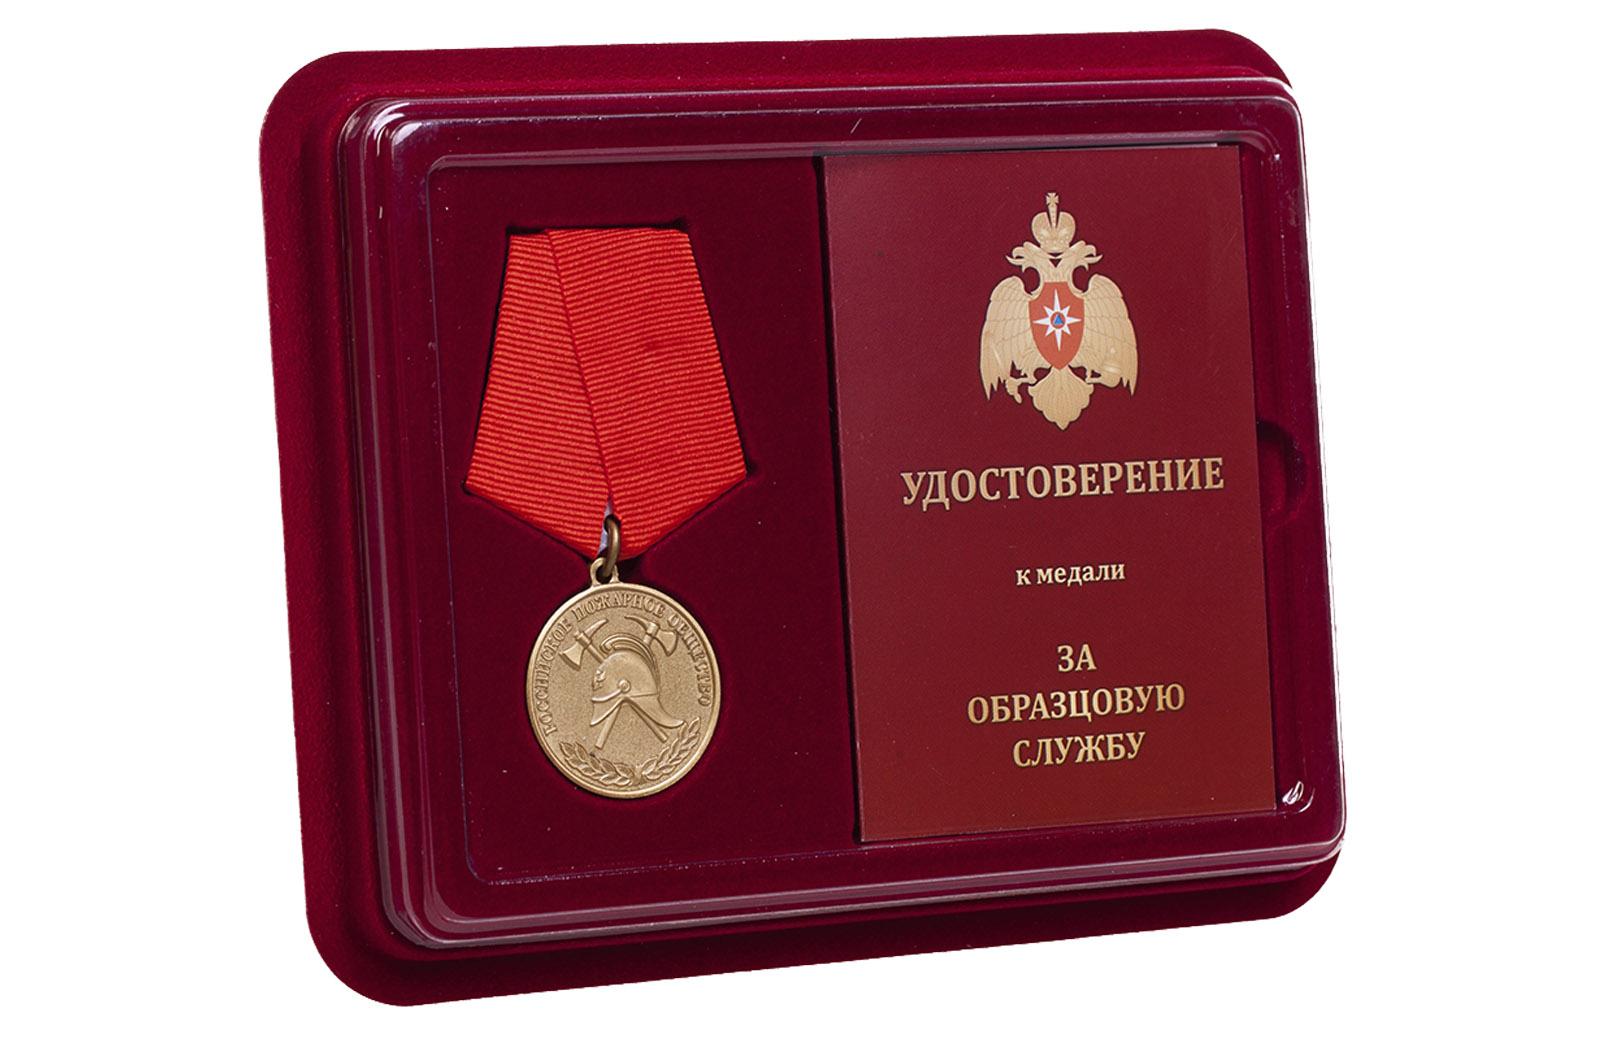 Купить медаль Российского пожарного общества За образцовую службу с доставкой